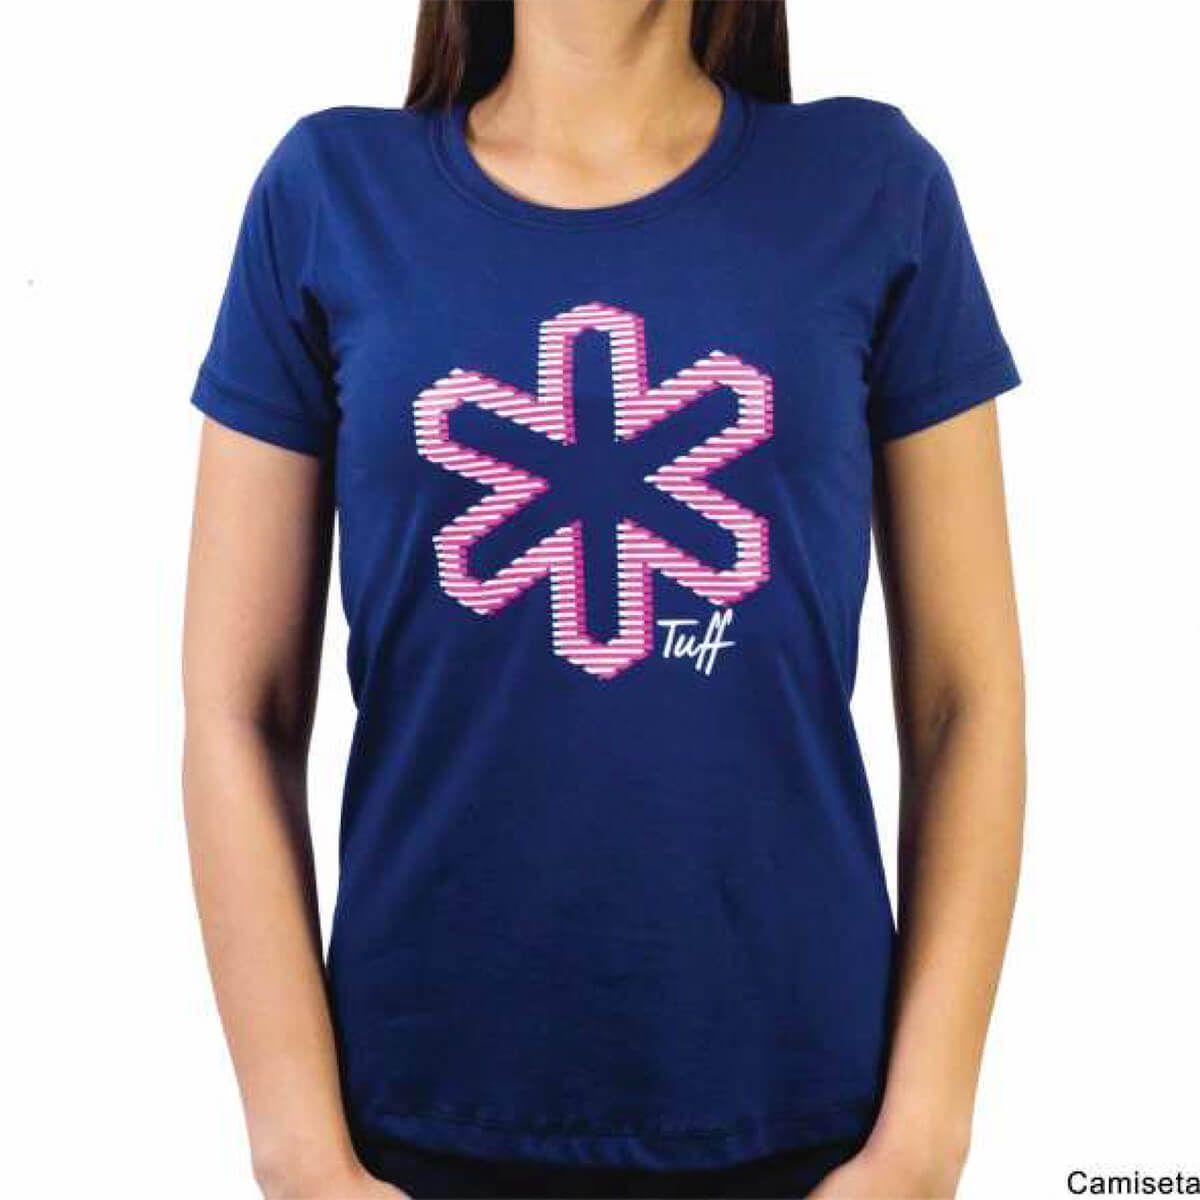 Camiseta Tuff Feminina Azul Marinho Logo Rosa - Arena Country Echaporã 9ca217de8a7